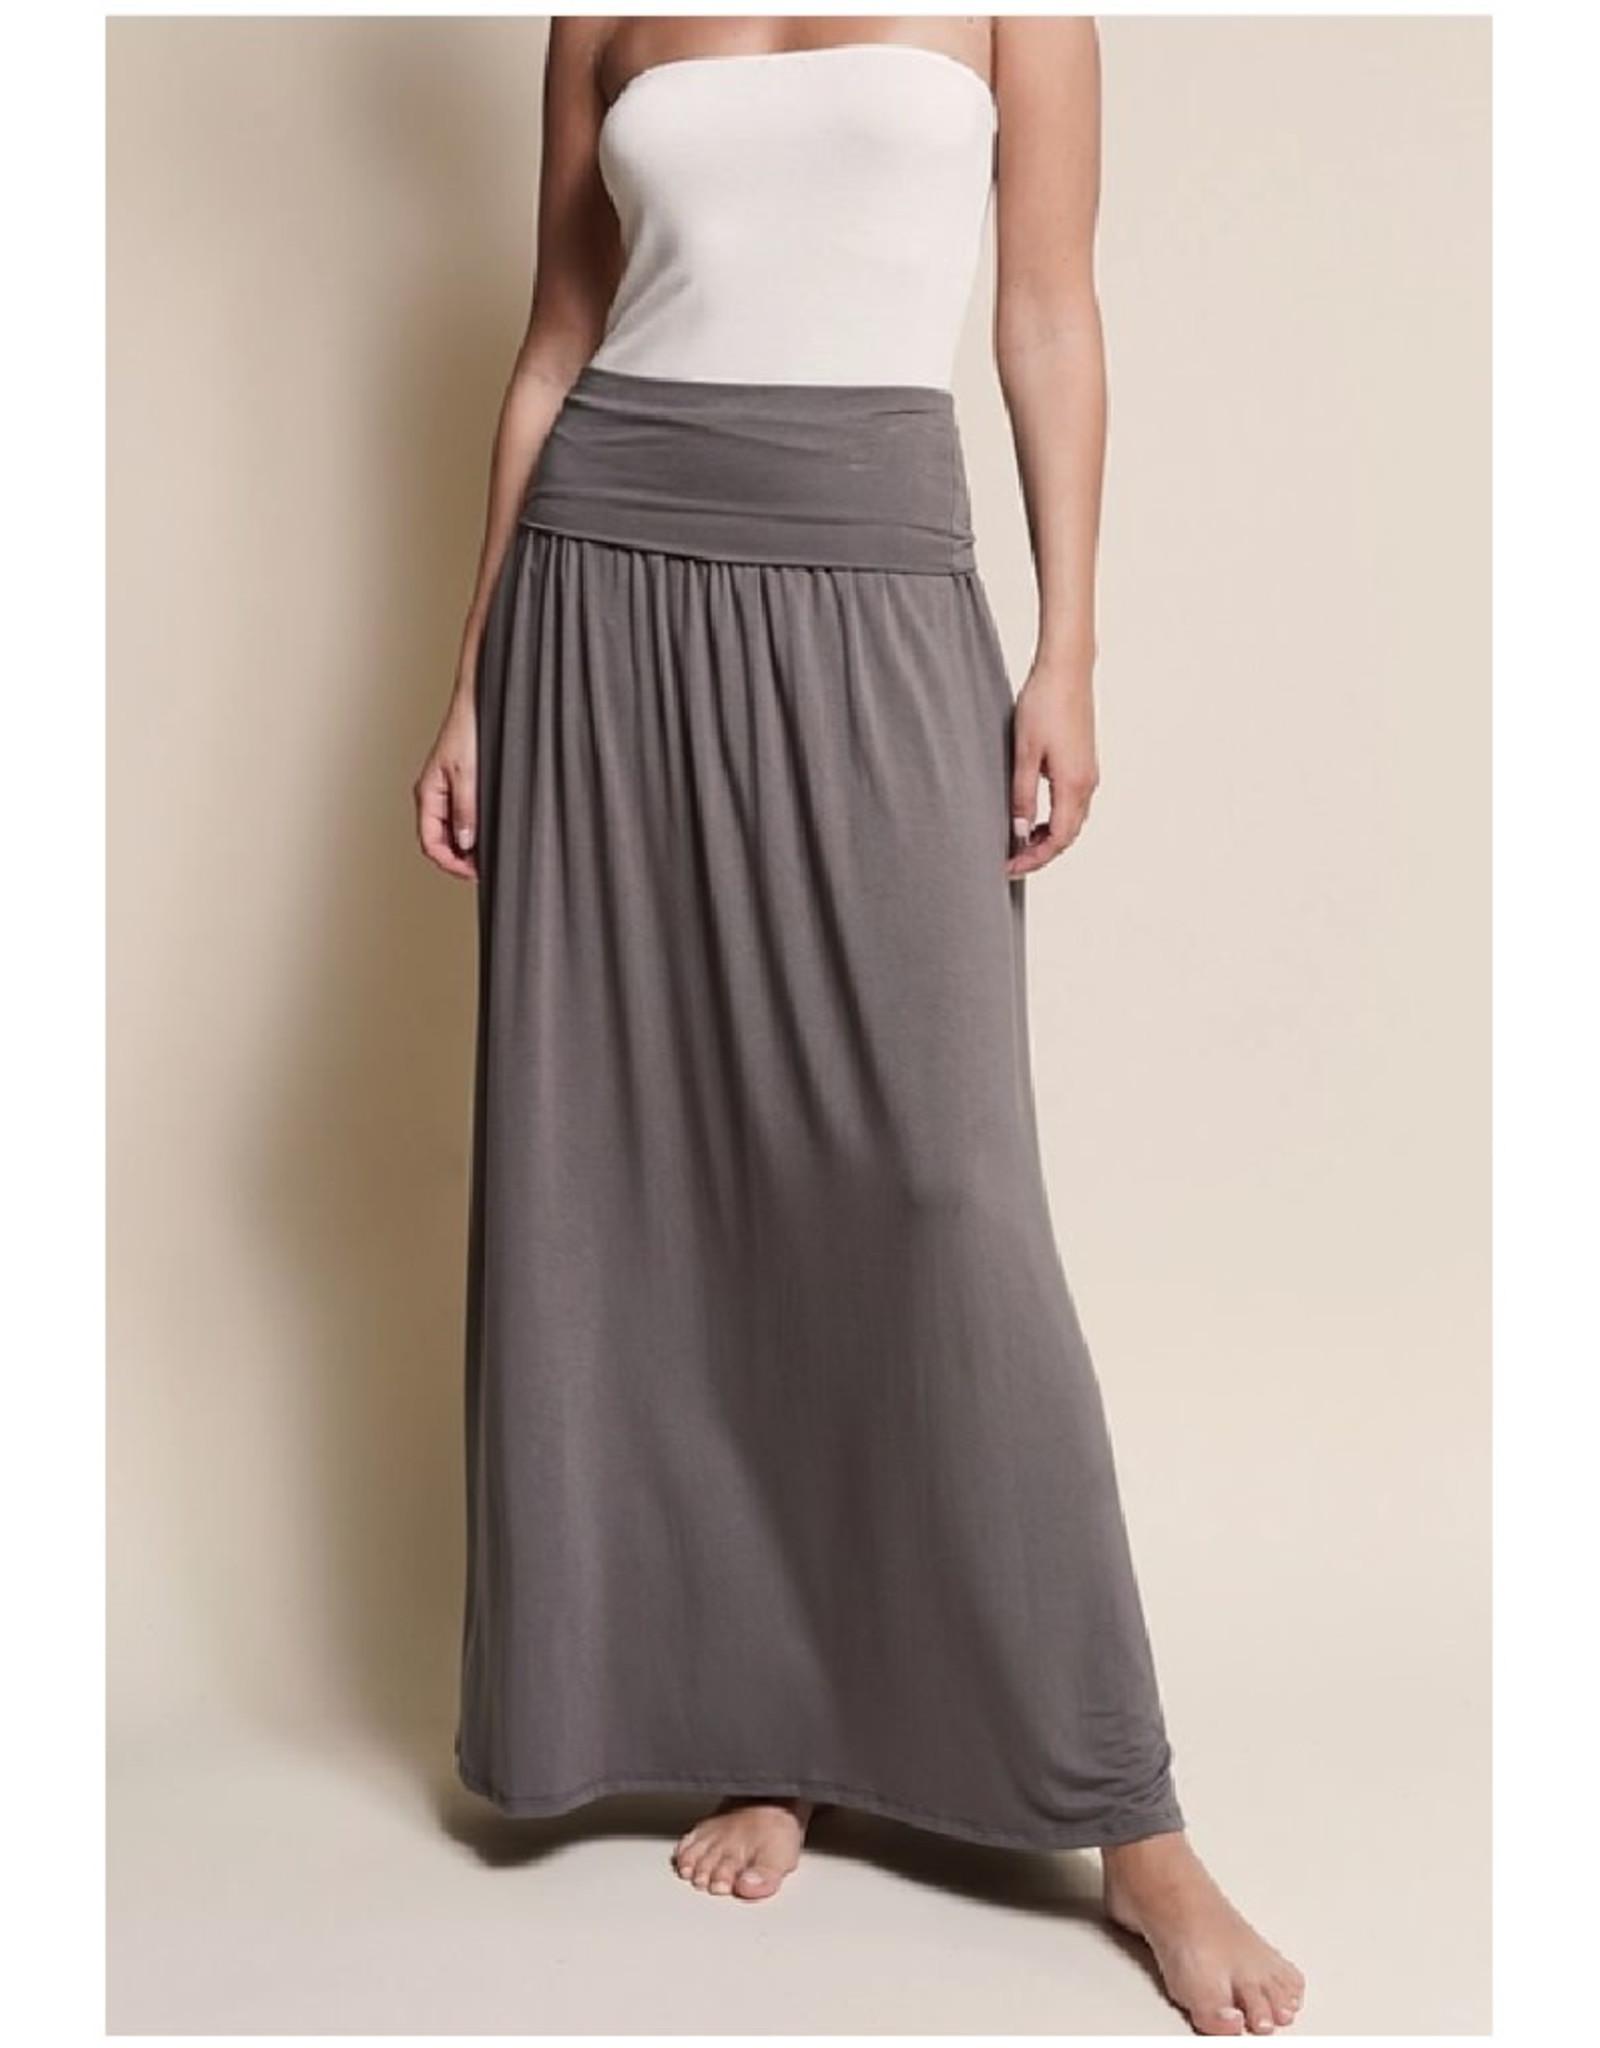 Bamboo Maxi Yoga Skirt